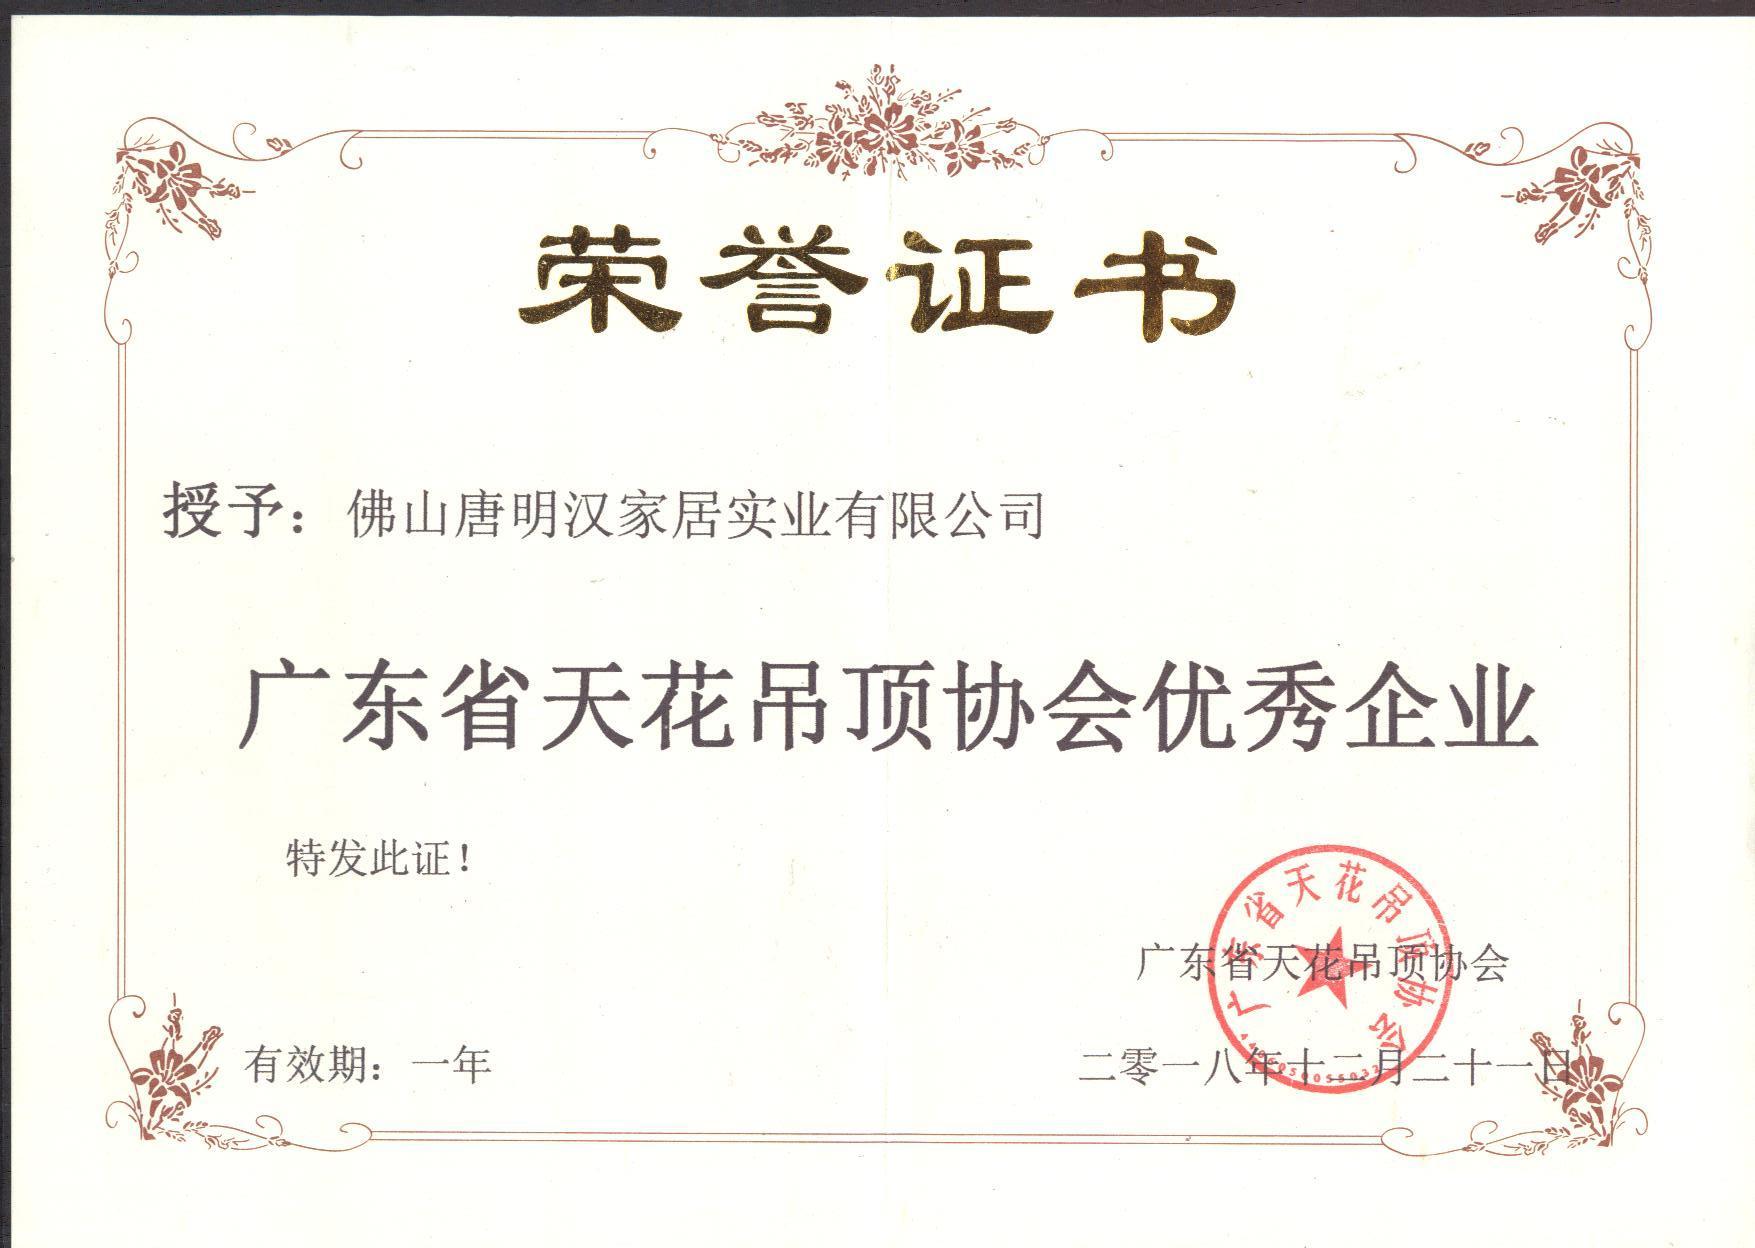 2018年美莱优秀企业证书